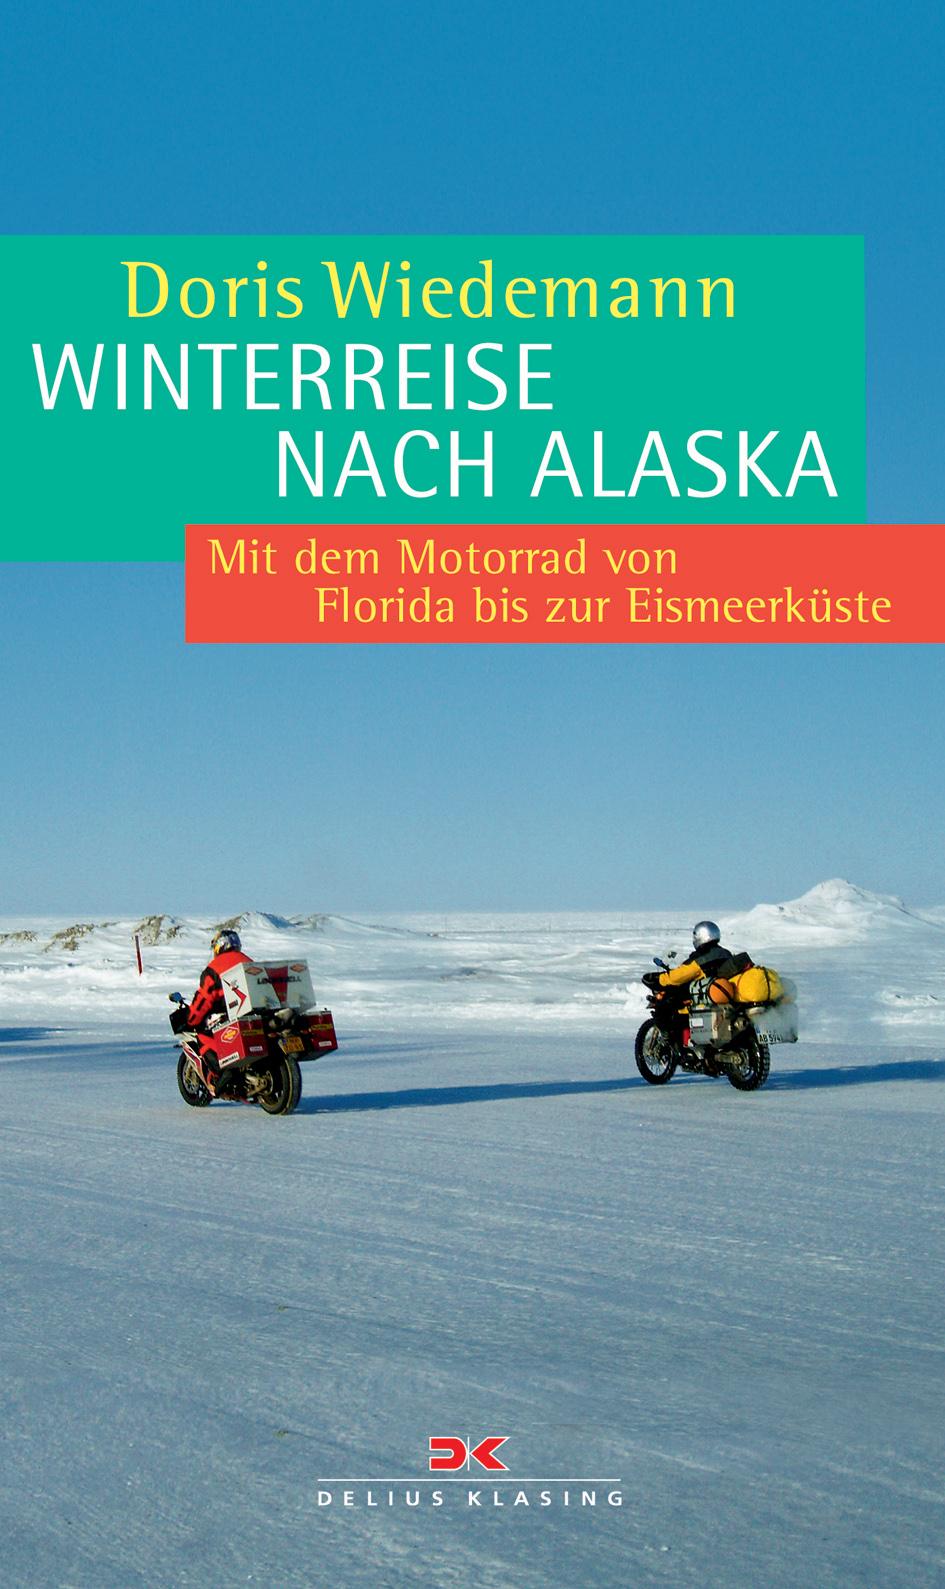 Book-Cover-Alaska_in_Winter.jpg